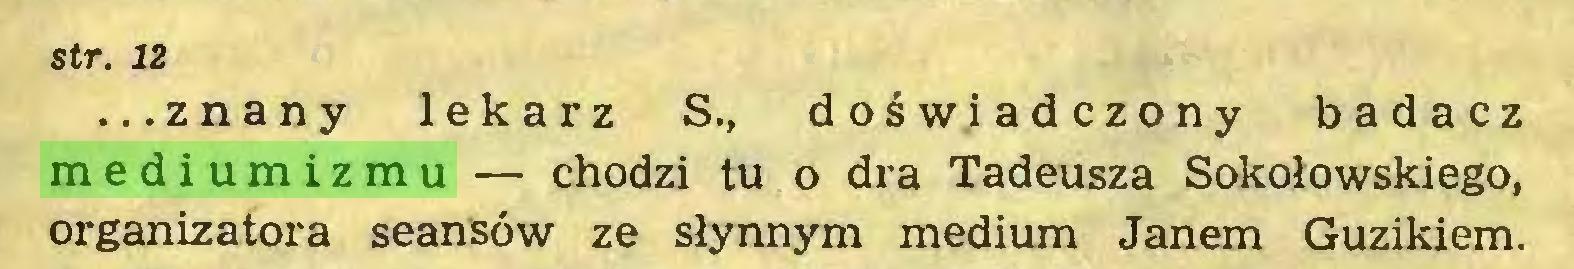 (...) str. 12 ...znany lekarz S., doświadczony badacz mediumizmu — chodzi tu o dra Tadeusza Sokołowskiego, organizatora seansów ze słynnym medium Janem Guzikiem...